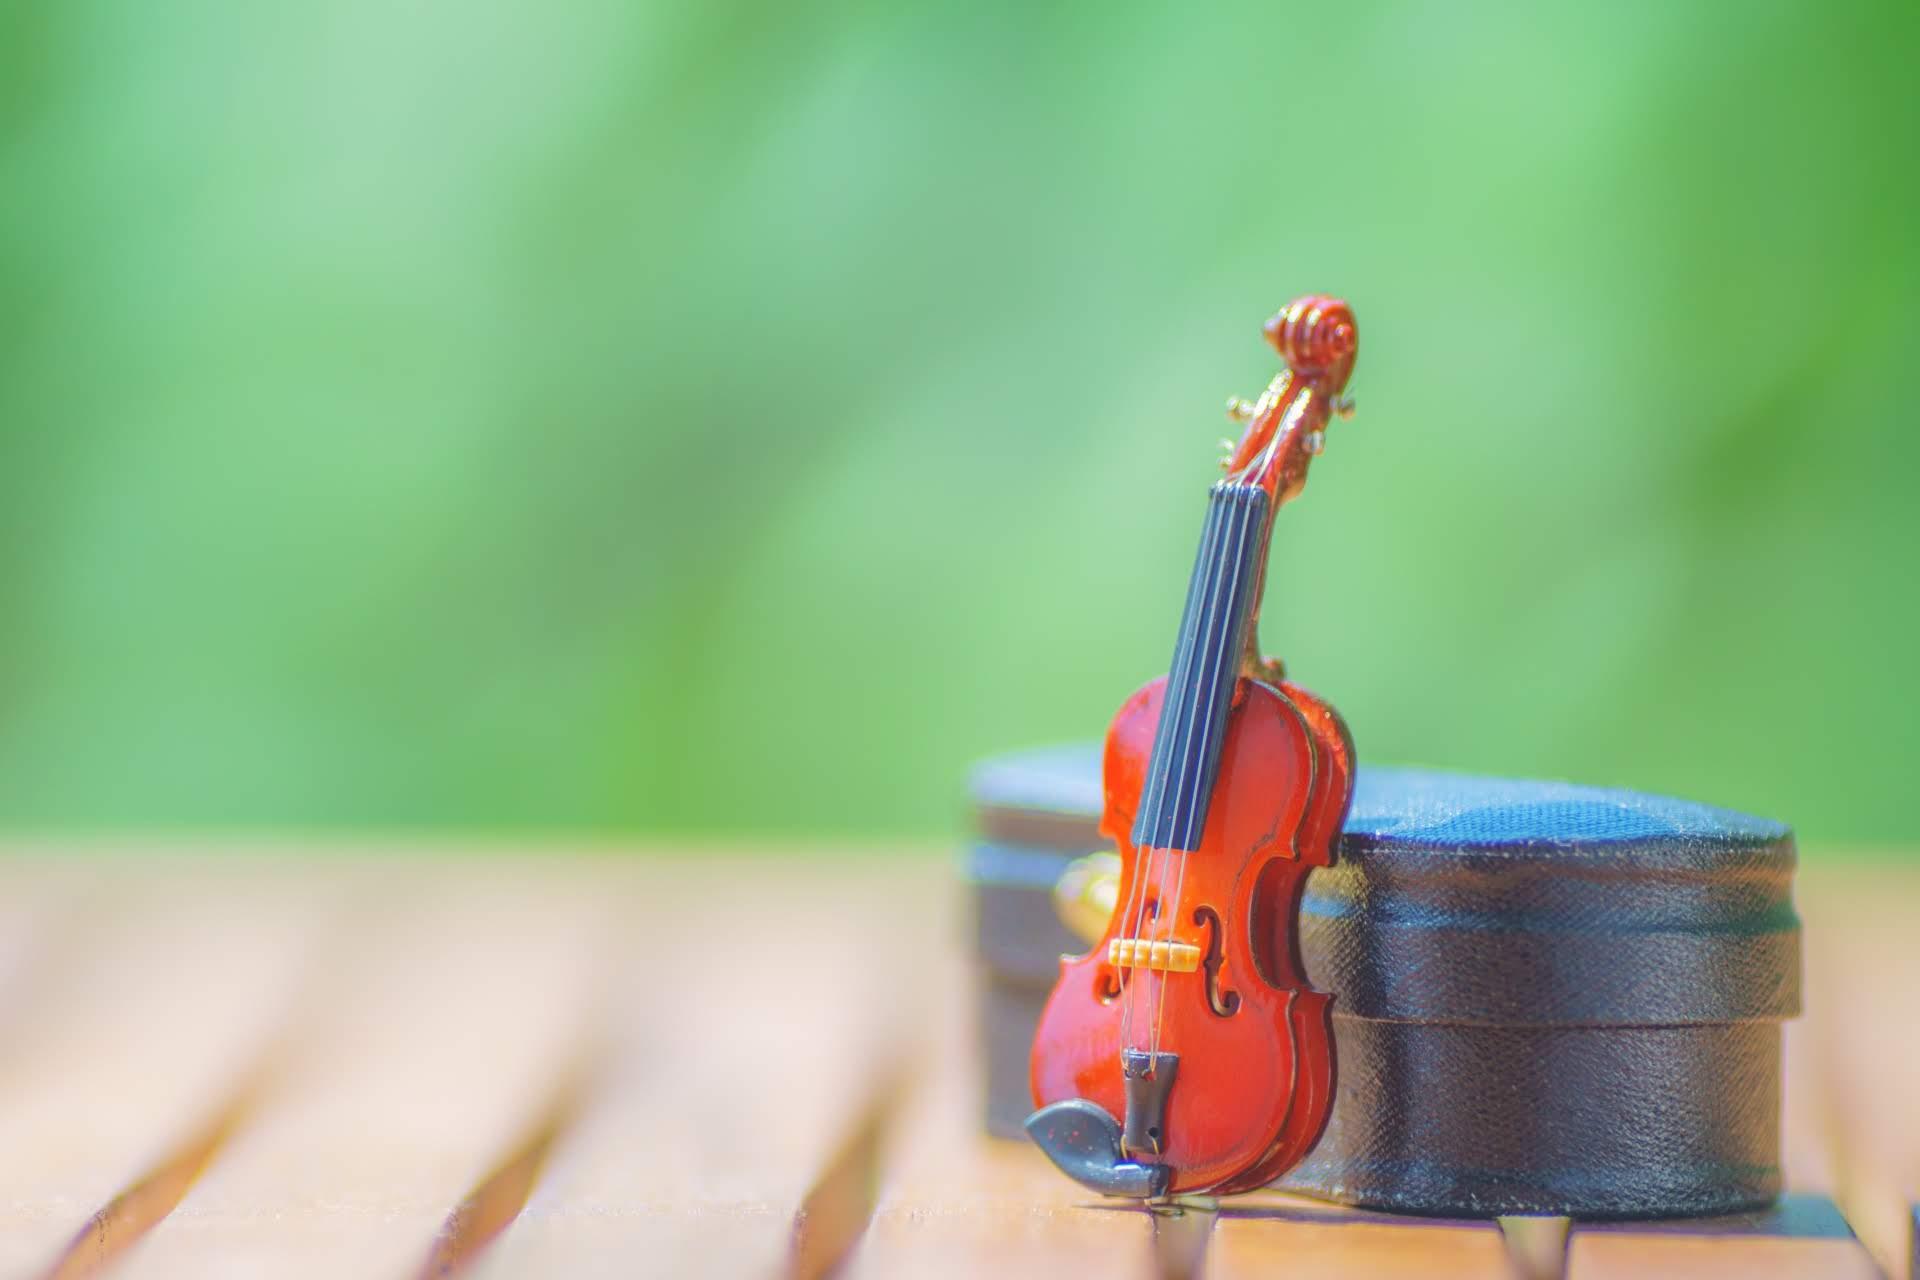 音楽家の演奏会プロフィール写真撮影時のコツや人気フォトスタジオの見分け方